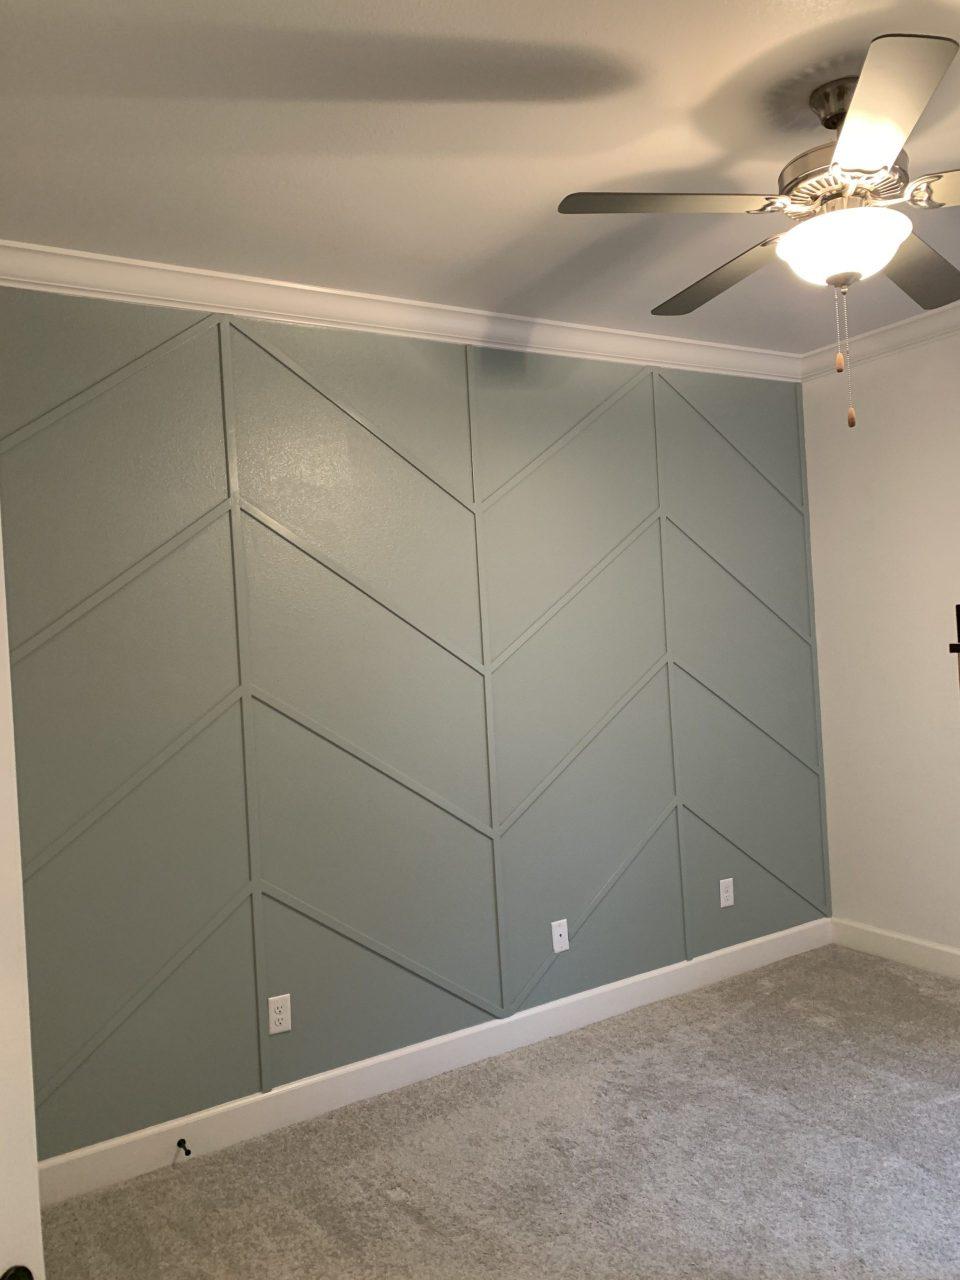 IMG 7845 scaled - DIY Herringbone Wall